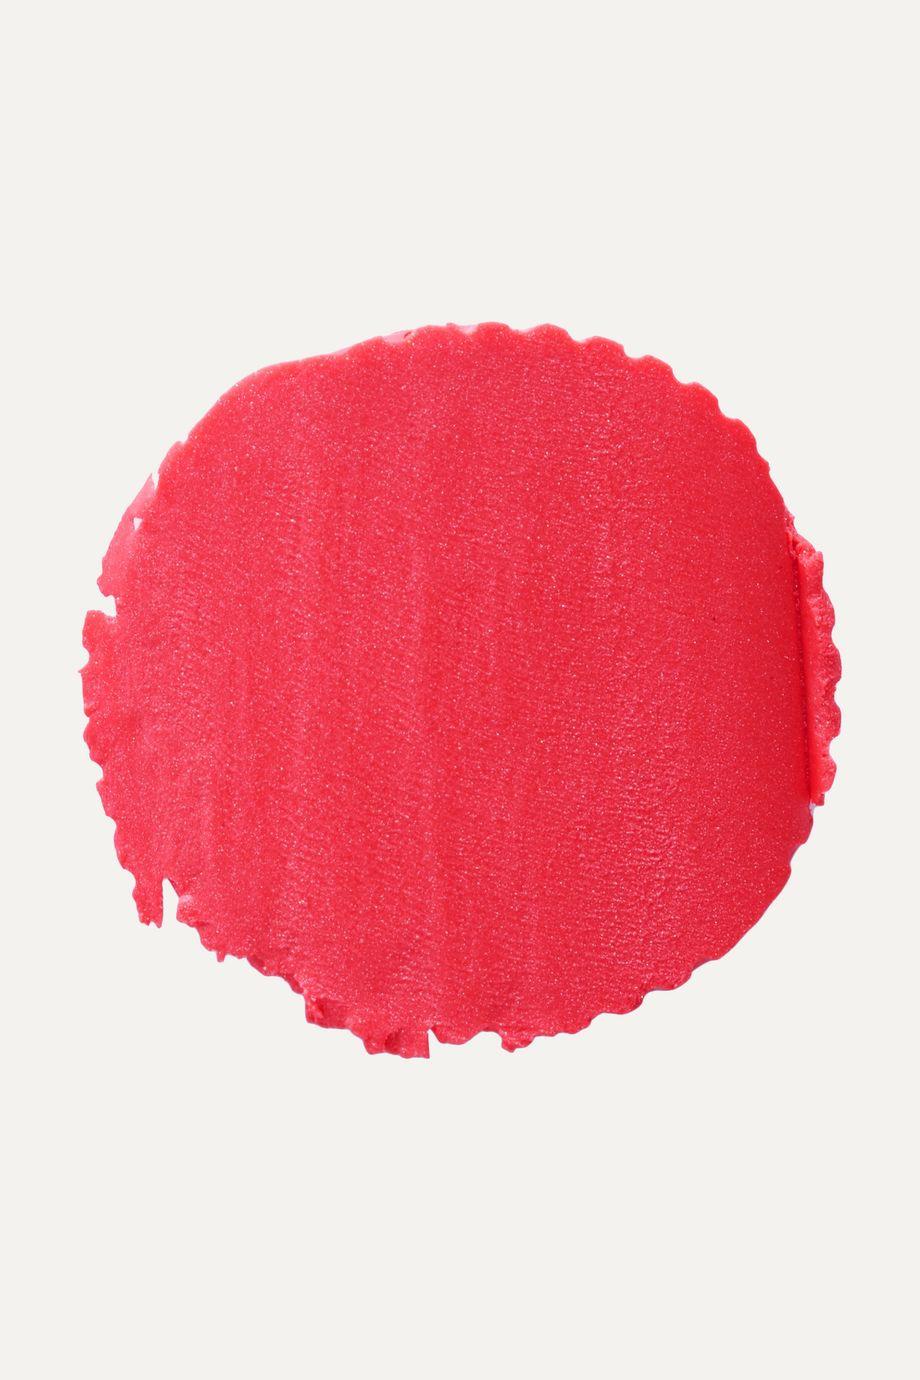 Burberry Beauty Burberry Kisses - Light Crimson No.49